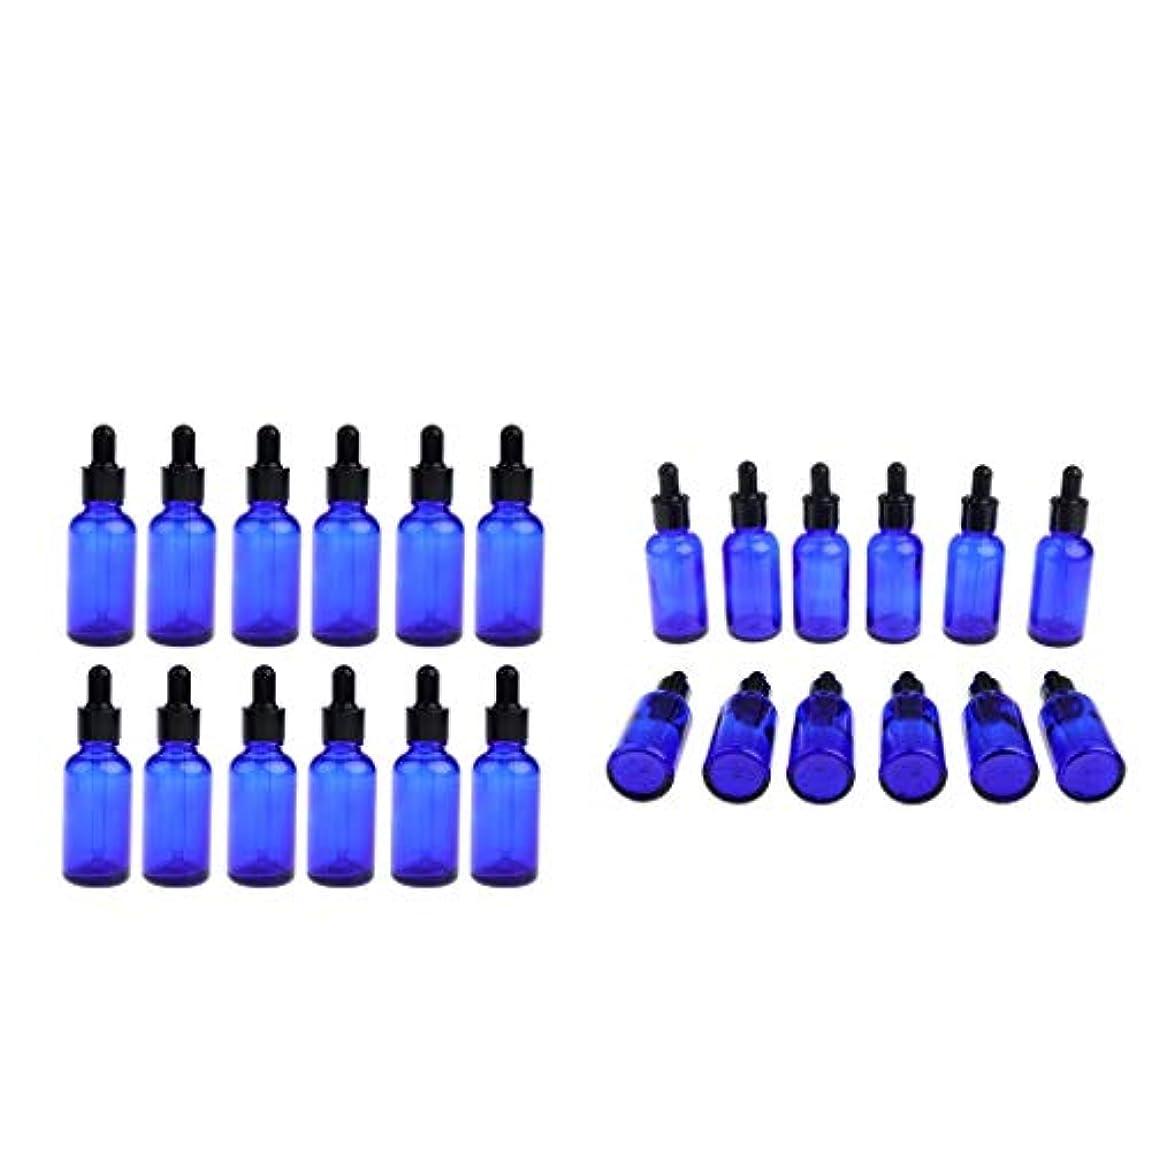 サーバ延期する憂慮すべきHellery ドロッパーボトル エッセンシャルオイル スポイトボトル 30ml マッサージ 美容室 サロン